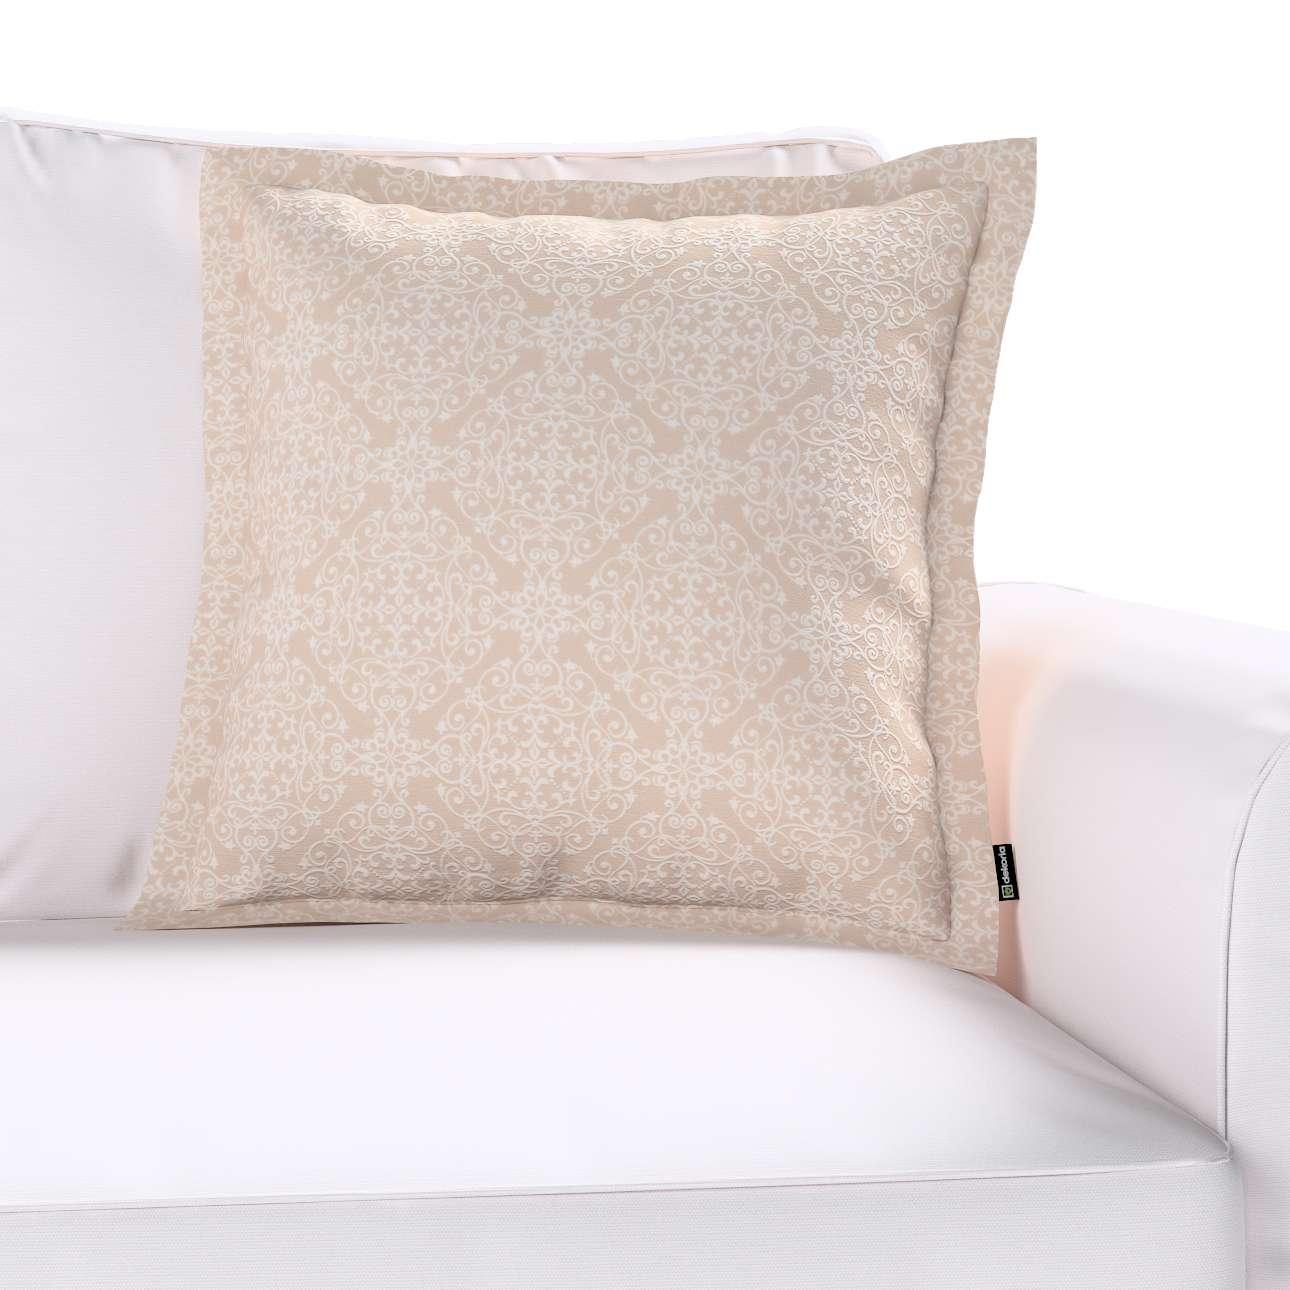 Poszewka Mona na poduszkę w kolekcji Flowers, tkanina: 140-39